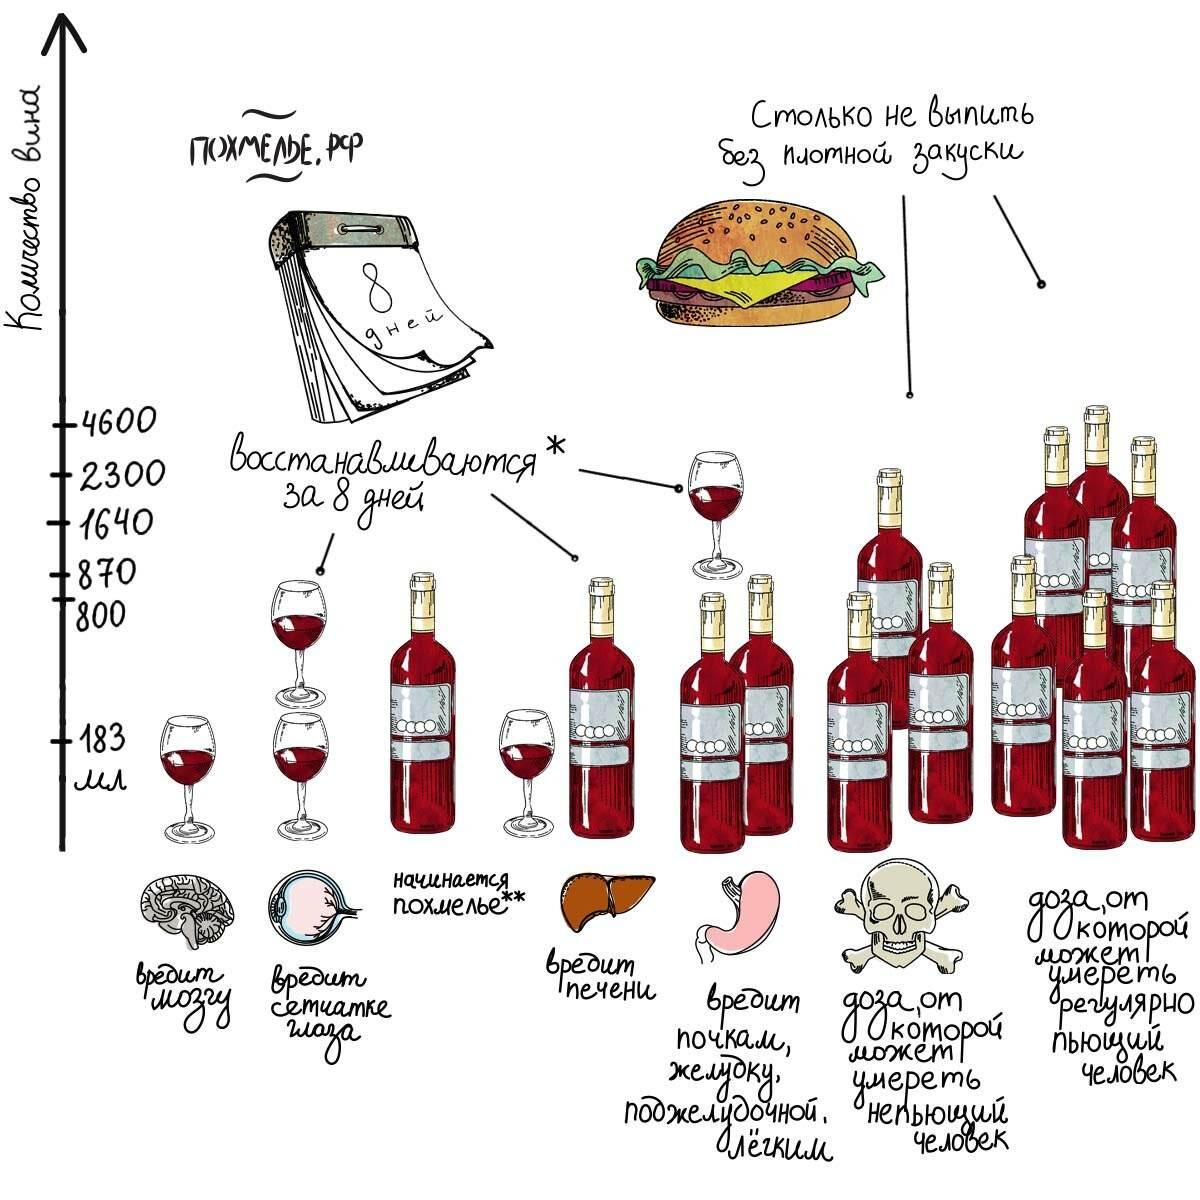 Сколько можно пить алкоголя без вреда для здоровья? — dolgo-jv.ru